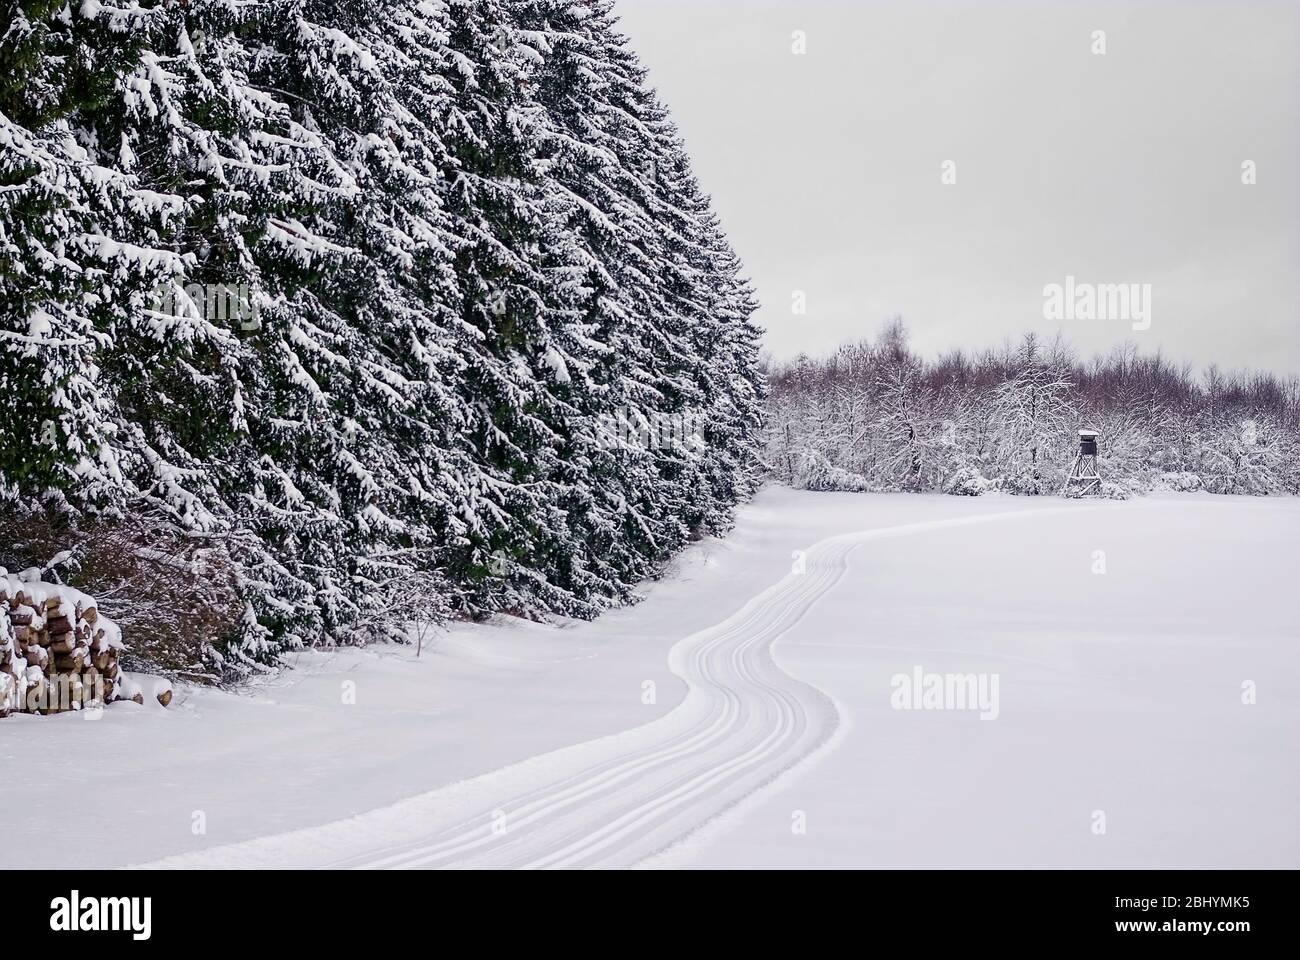 Winterwald mit frisch präparierter Loipe, die über die Felder schlängelt. Stockfoto